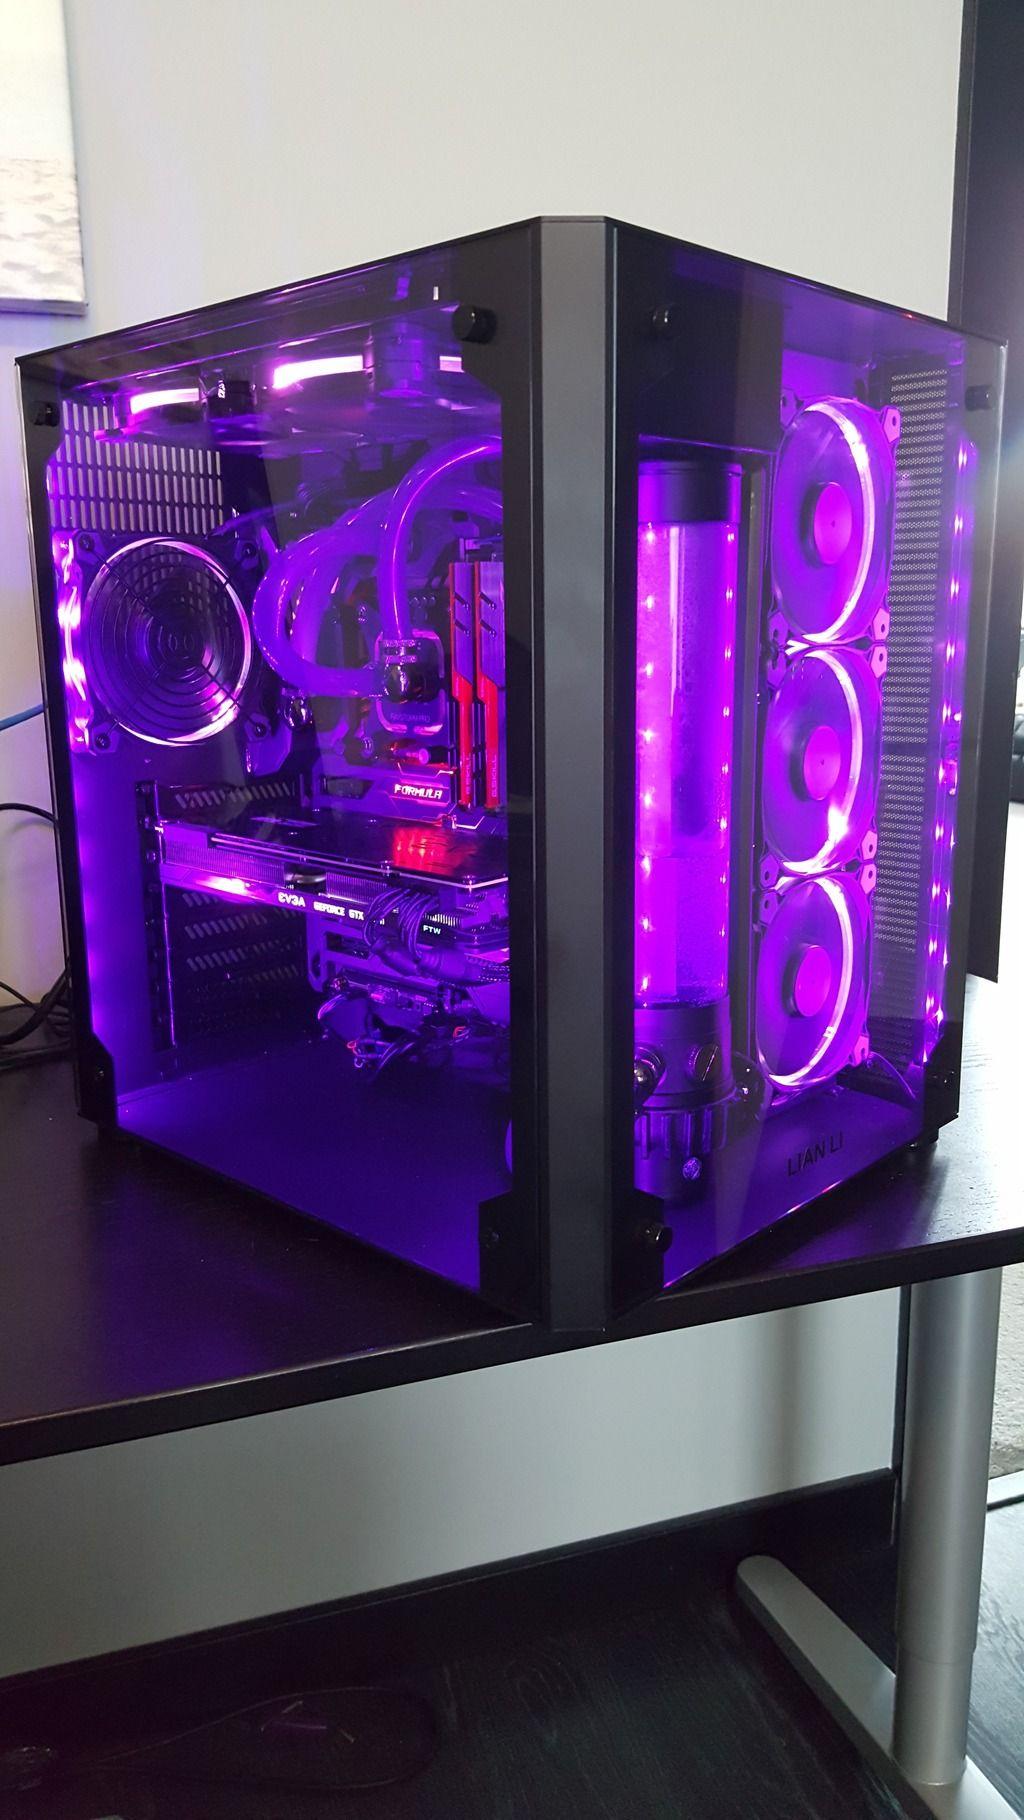 Lian Li PC-08 case